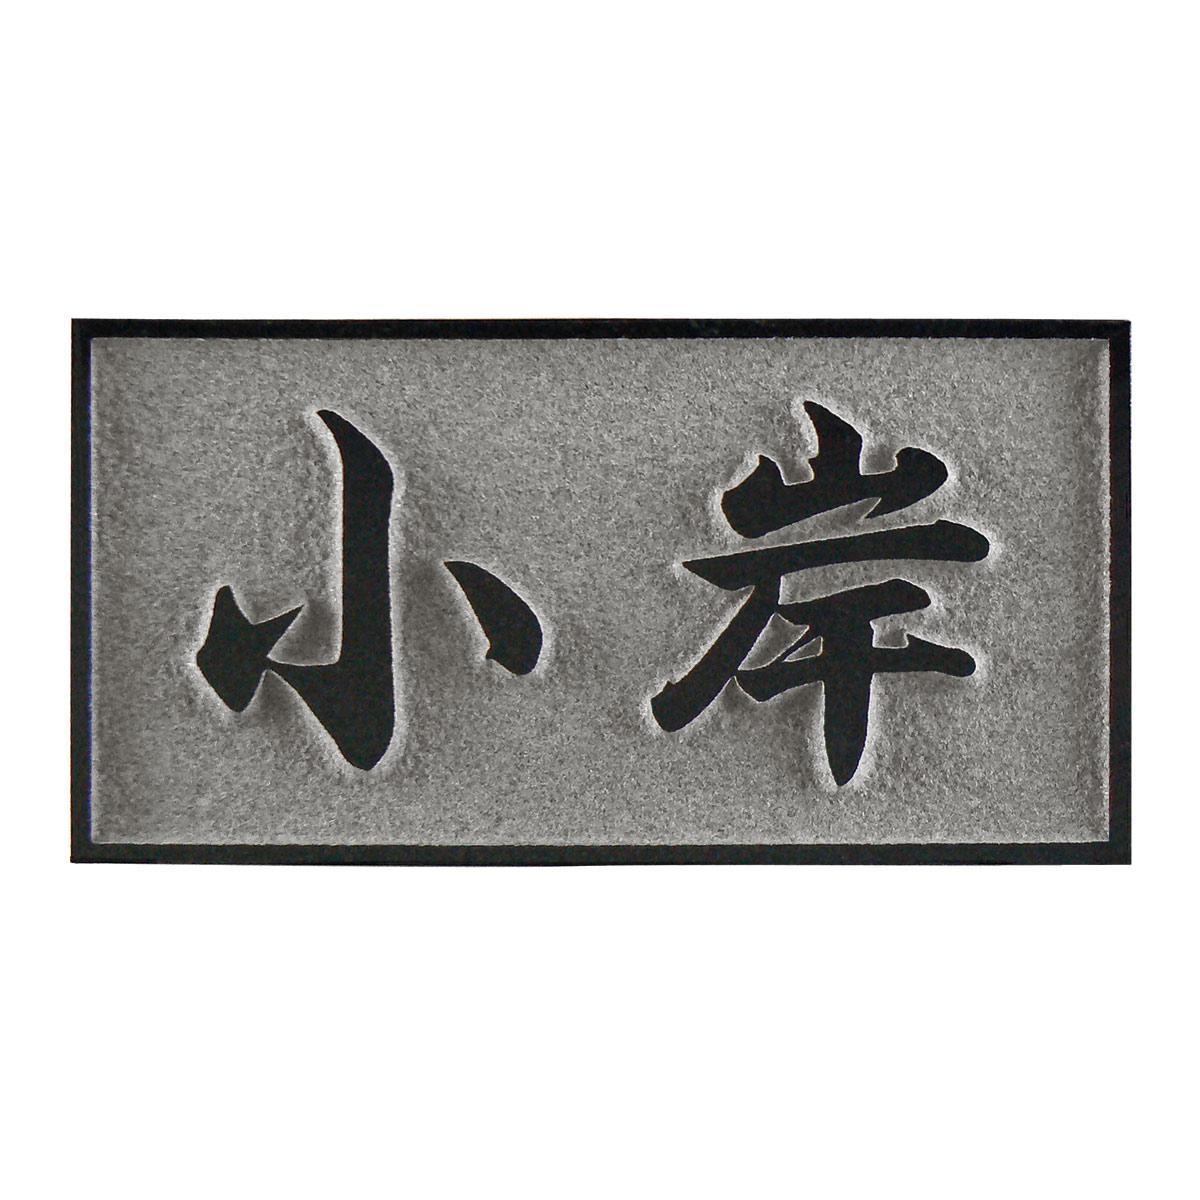 特厚表札(25mm厚)天然石 シンプルな石の表札黒御影石 浮彫(枠付)【送料無料】